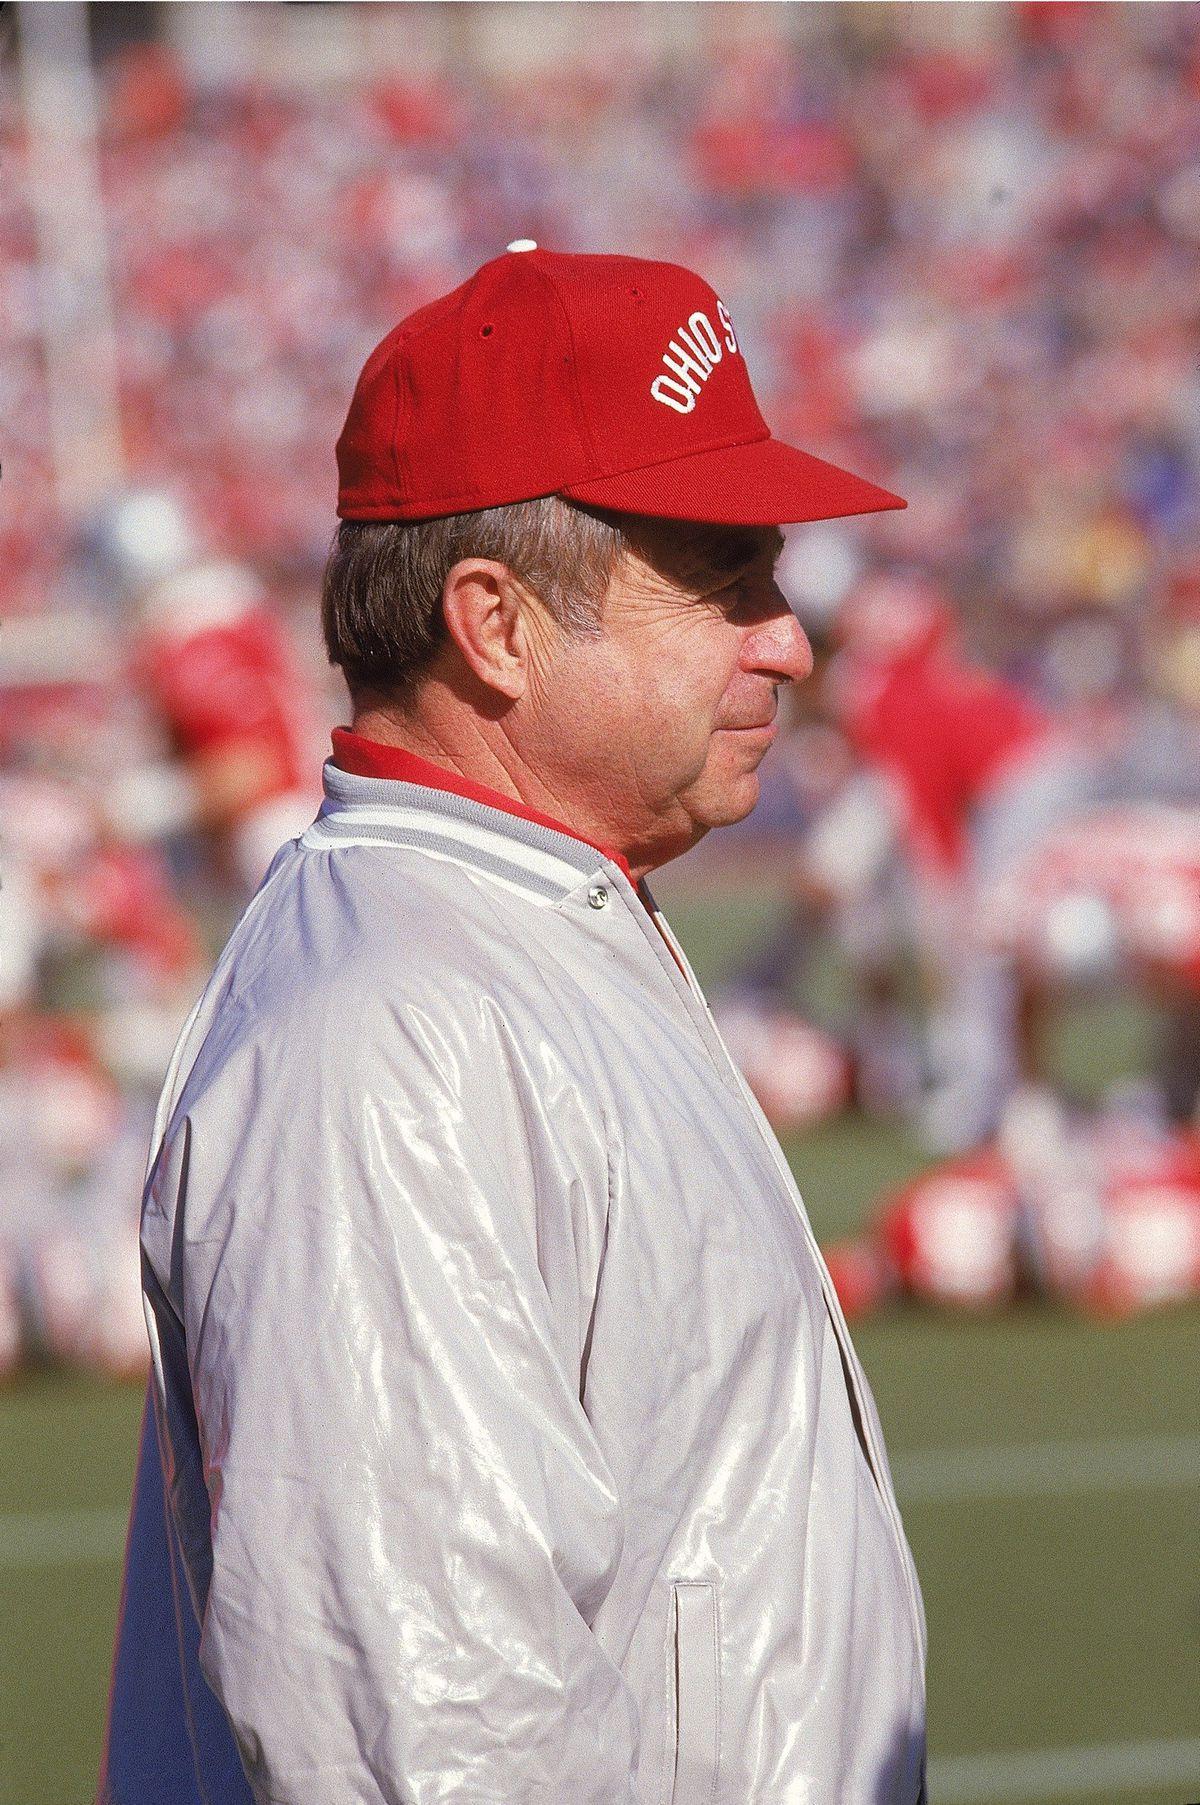 Ohio State Coach Earle Bruce